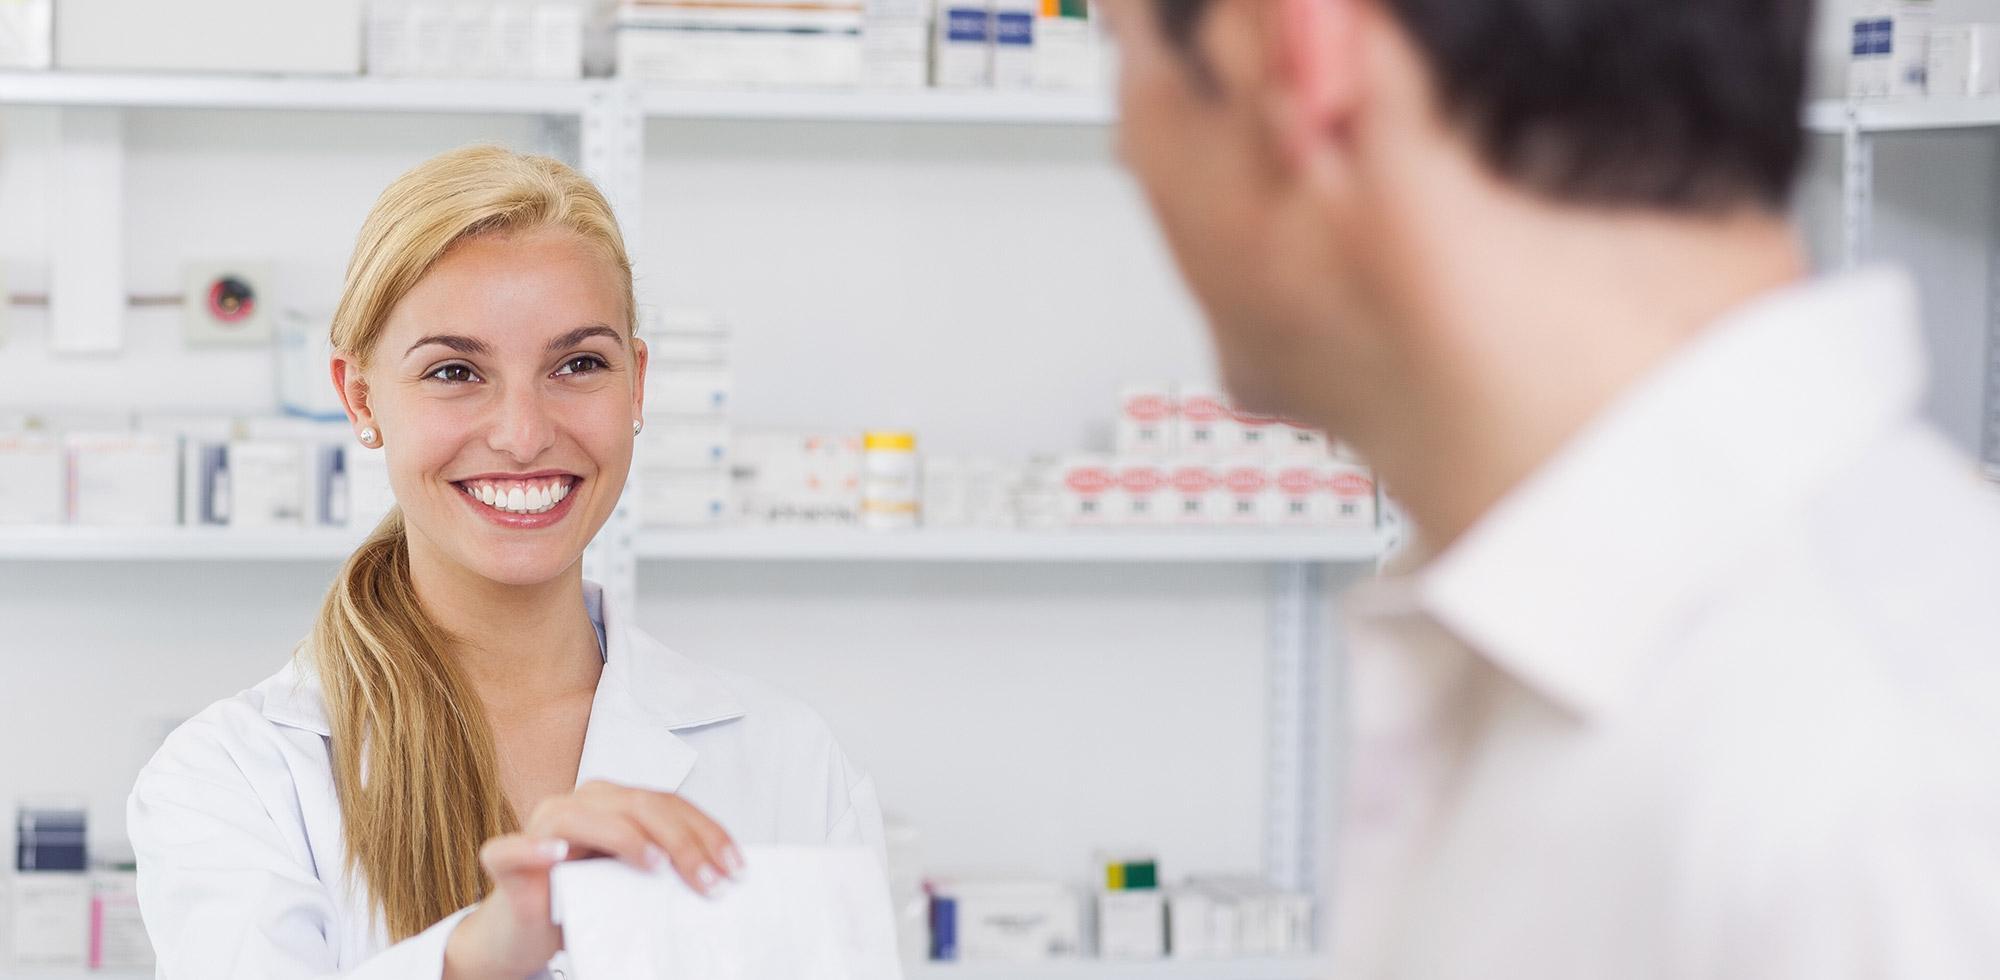 urogermin prostate best price- pharmacy one es